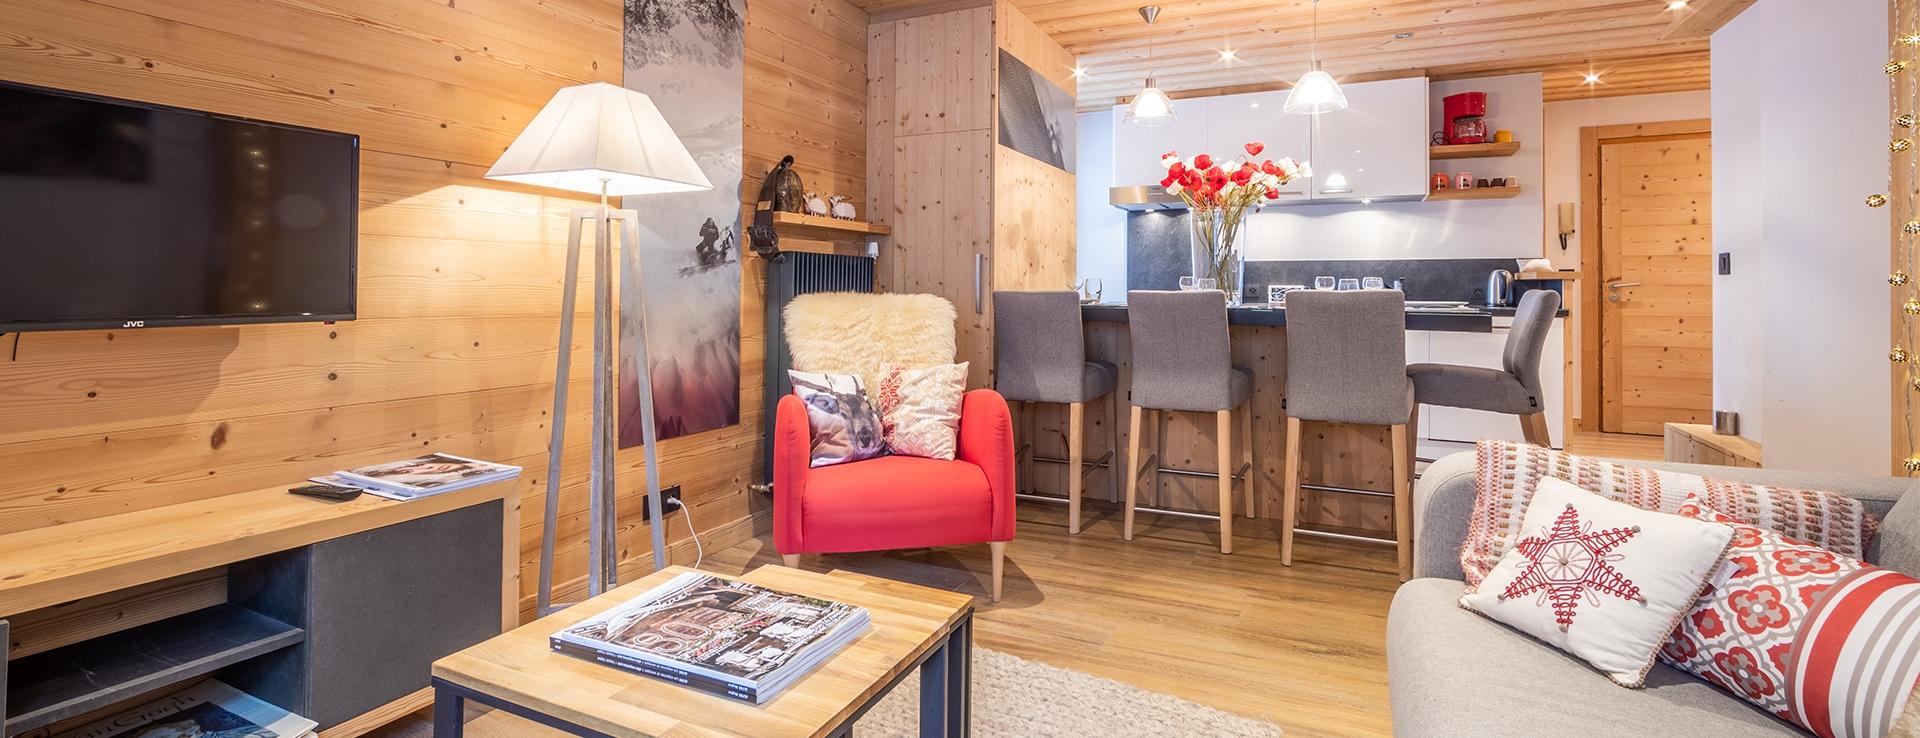 Appartement Centre Village Megève 10